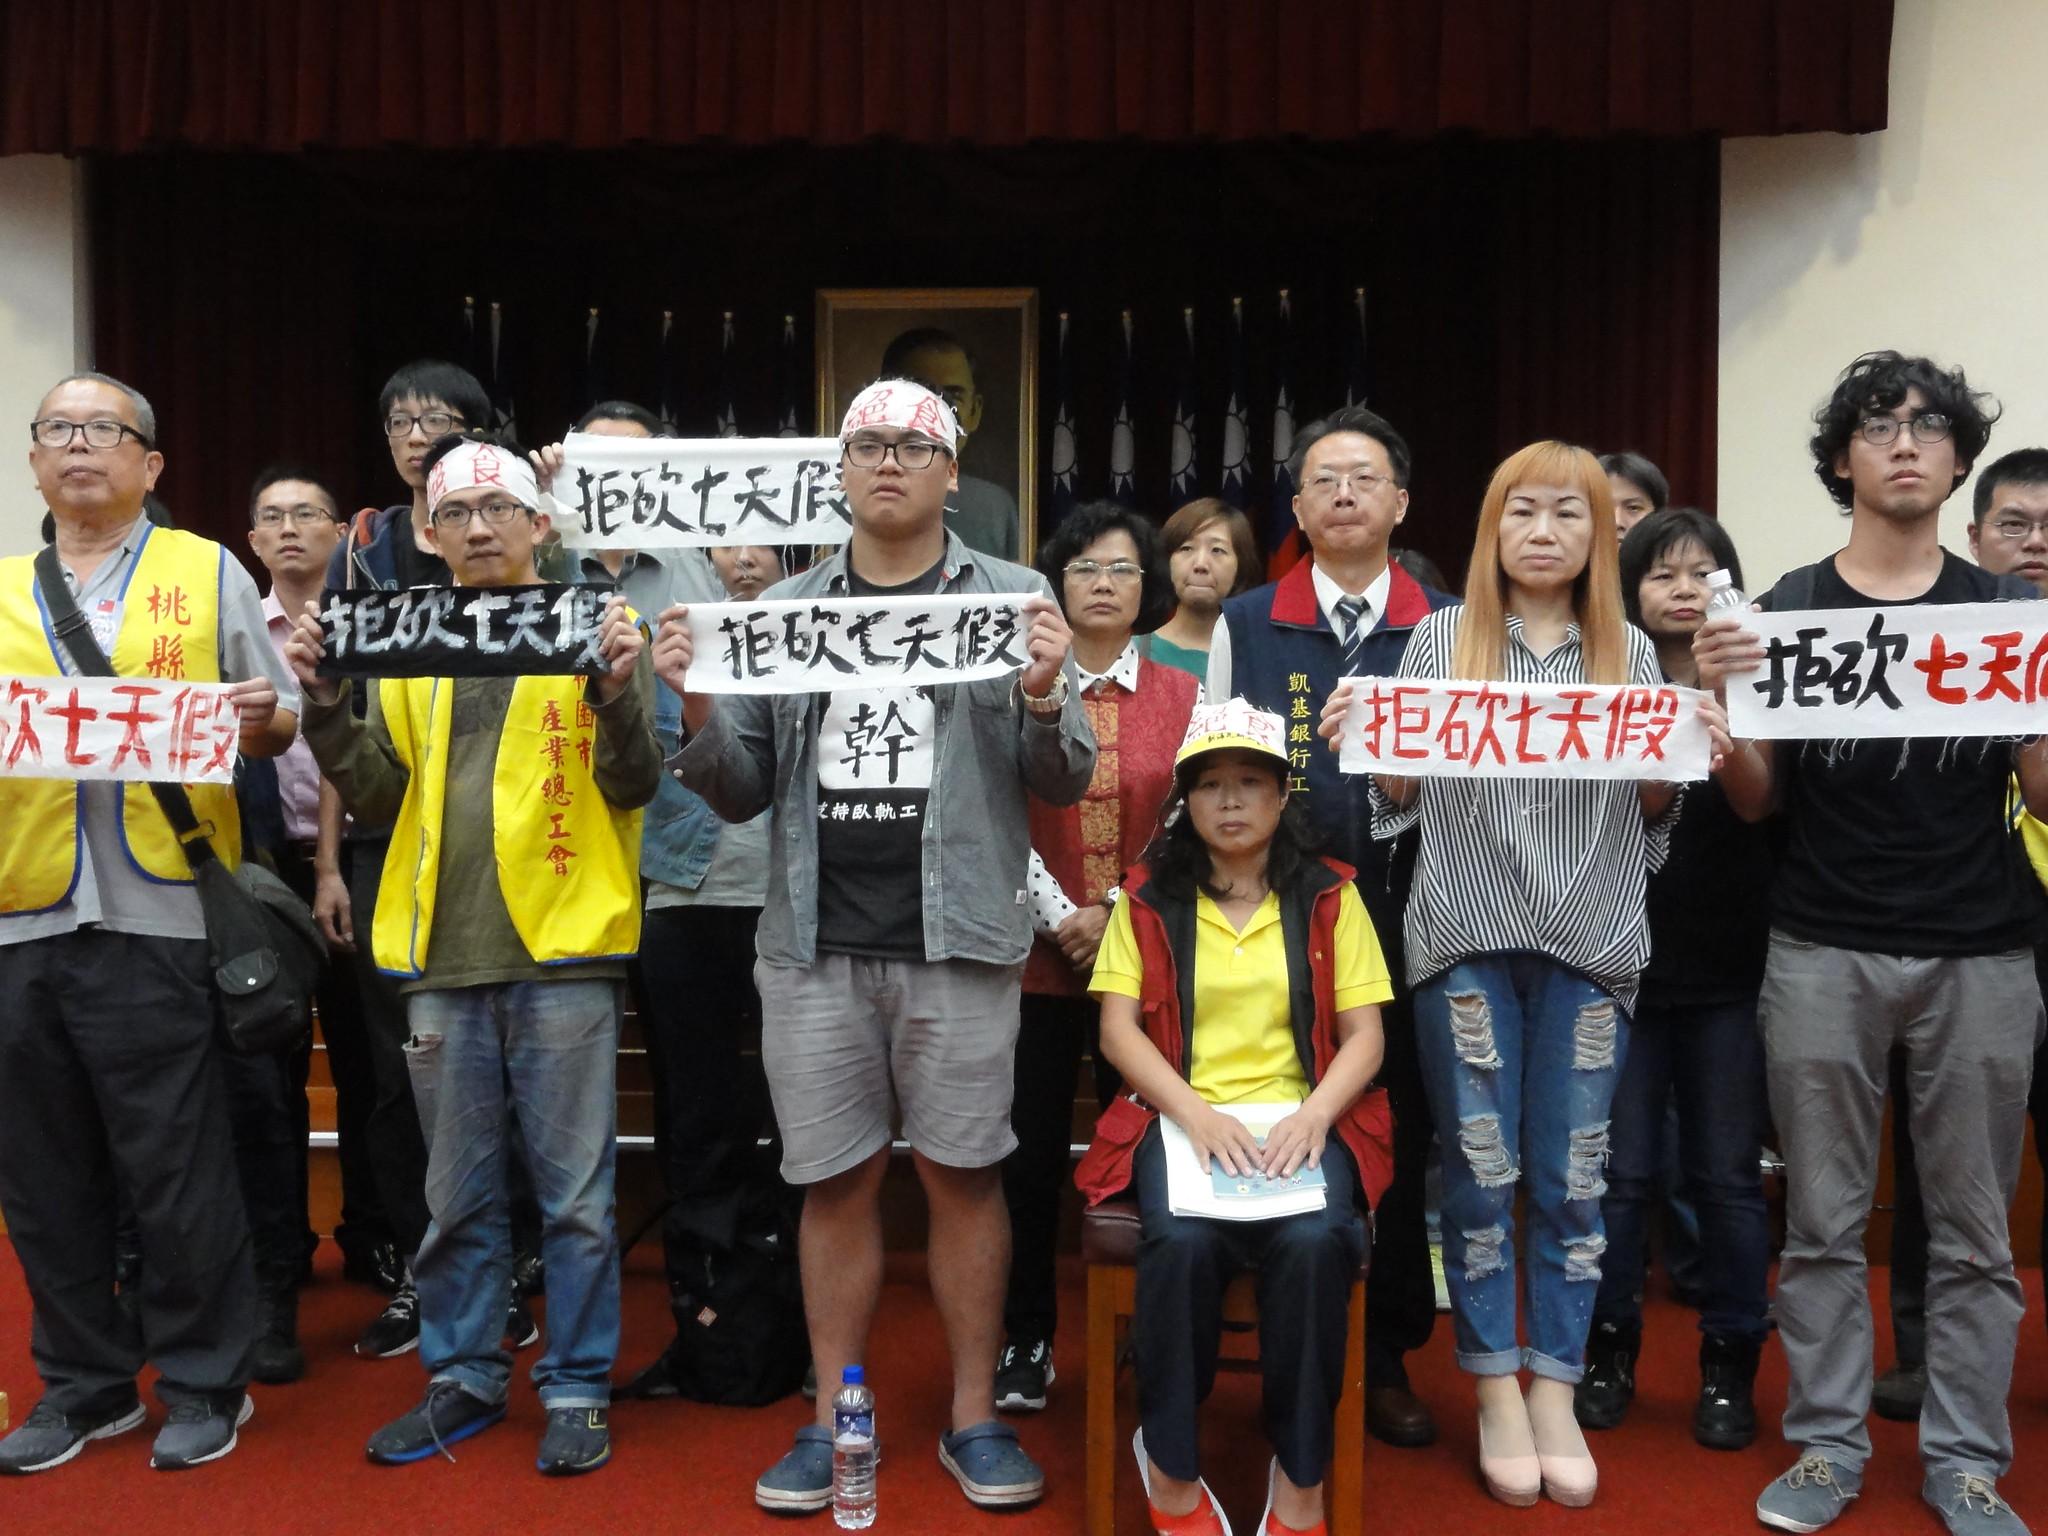 勞團齊聚公聽會會場宣誓拒砍七天假後,集體退席。(攝影:張智琦)